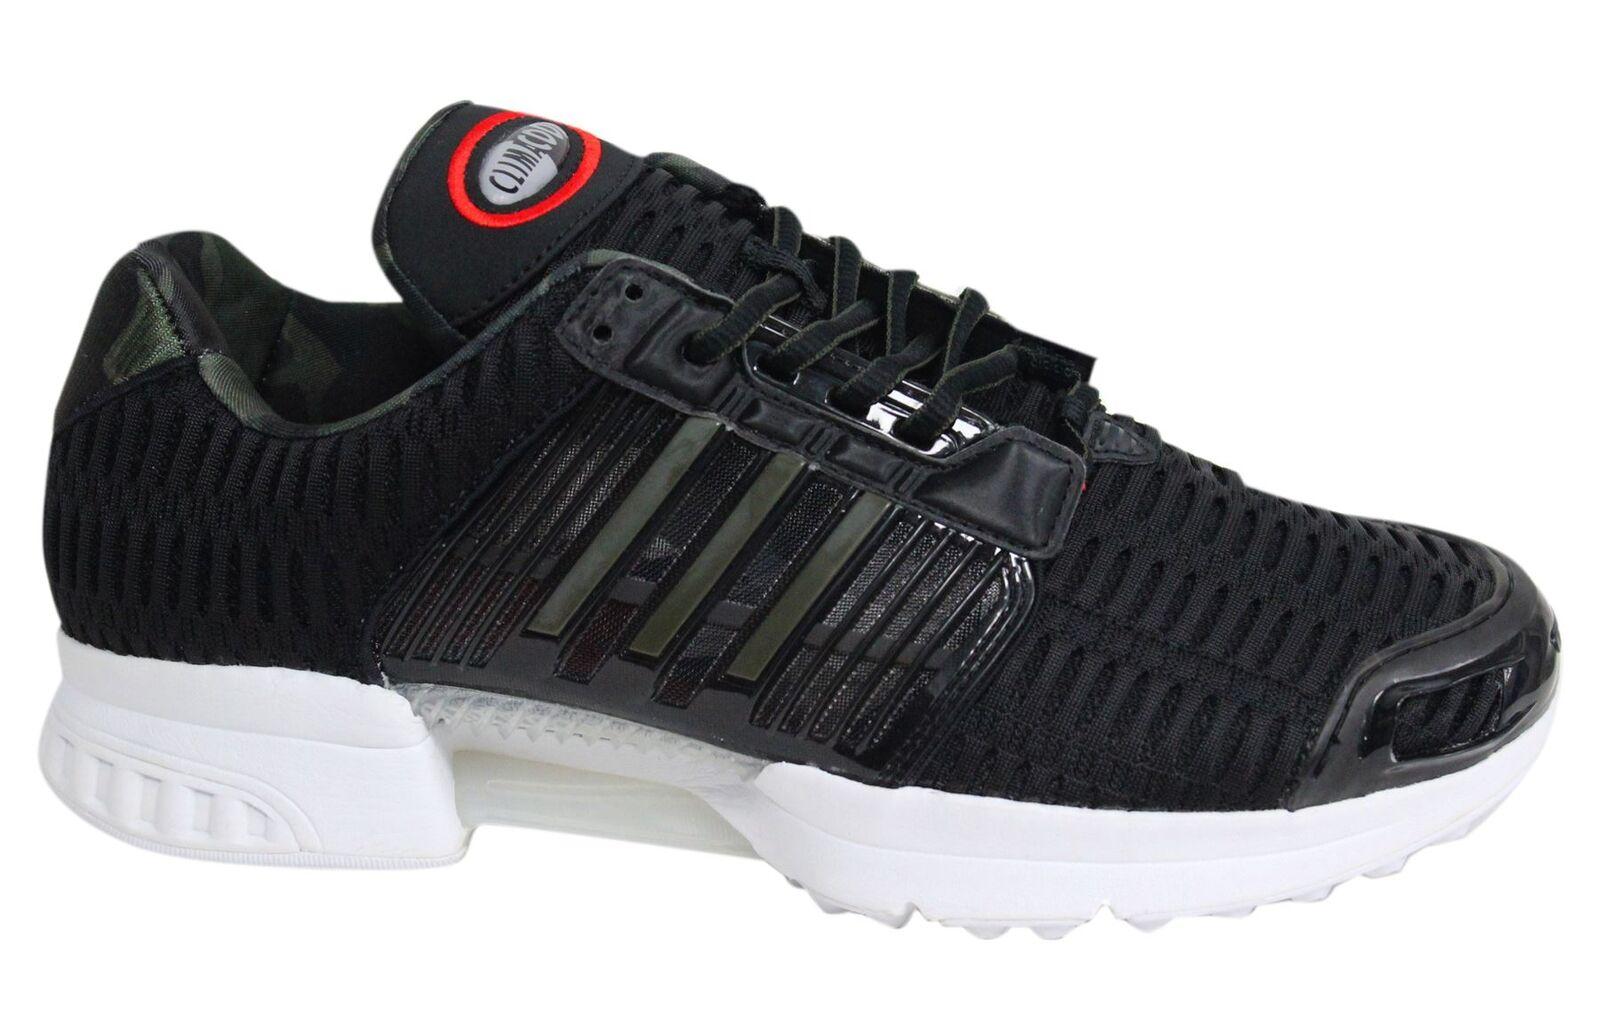 Adidas Originali Climacool 1 con Lacci Tessuto Nero Scarpe Sportive Uomo BA7177